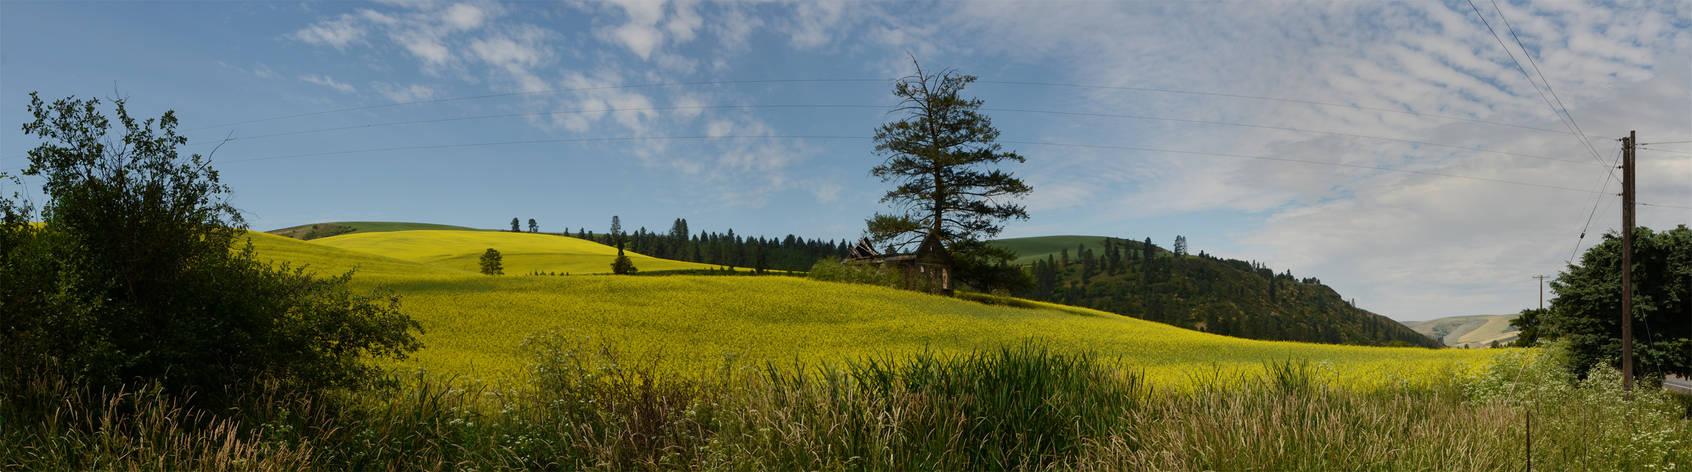 Mustard field 2012-06-30